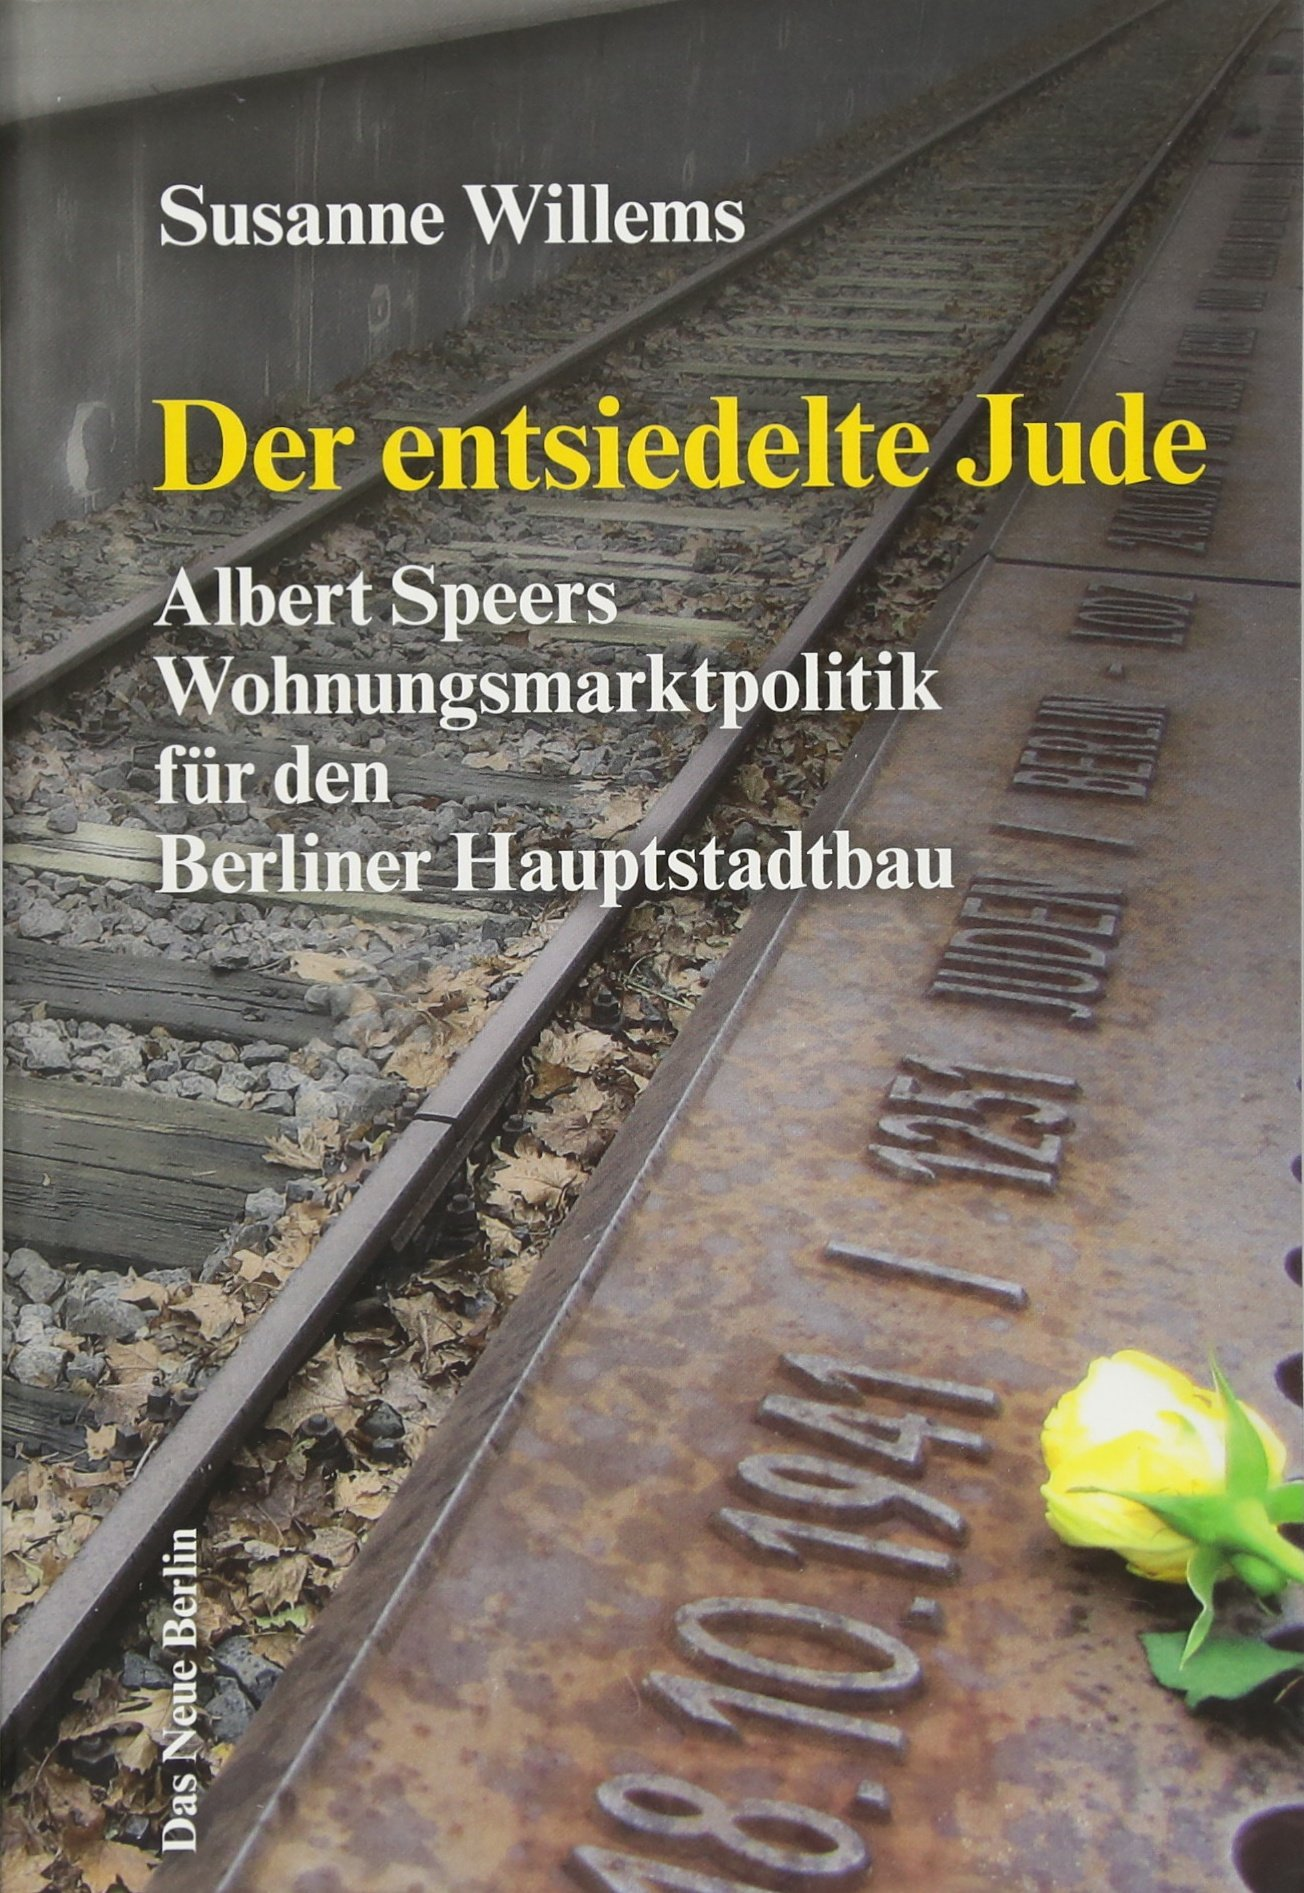 Der entsiedelte Jude: Albert Speers Wohnungsmarktpolitik für den Berliner Hauptstadtbau